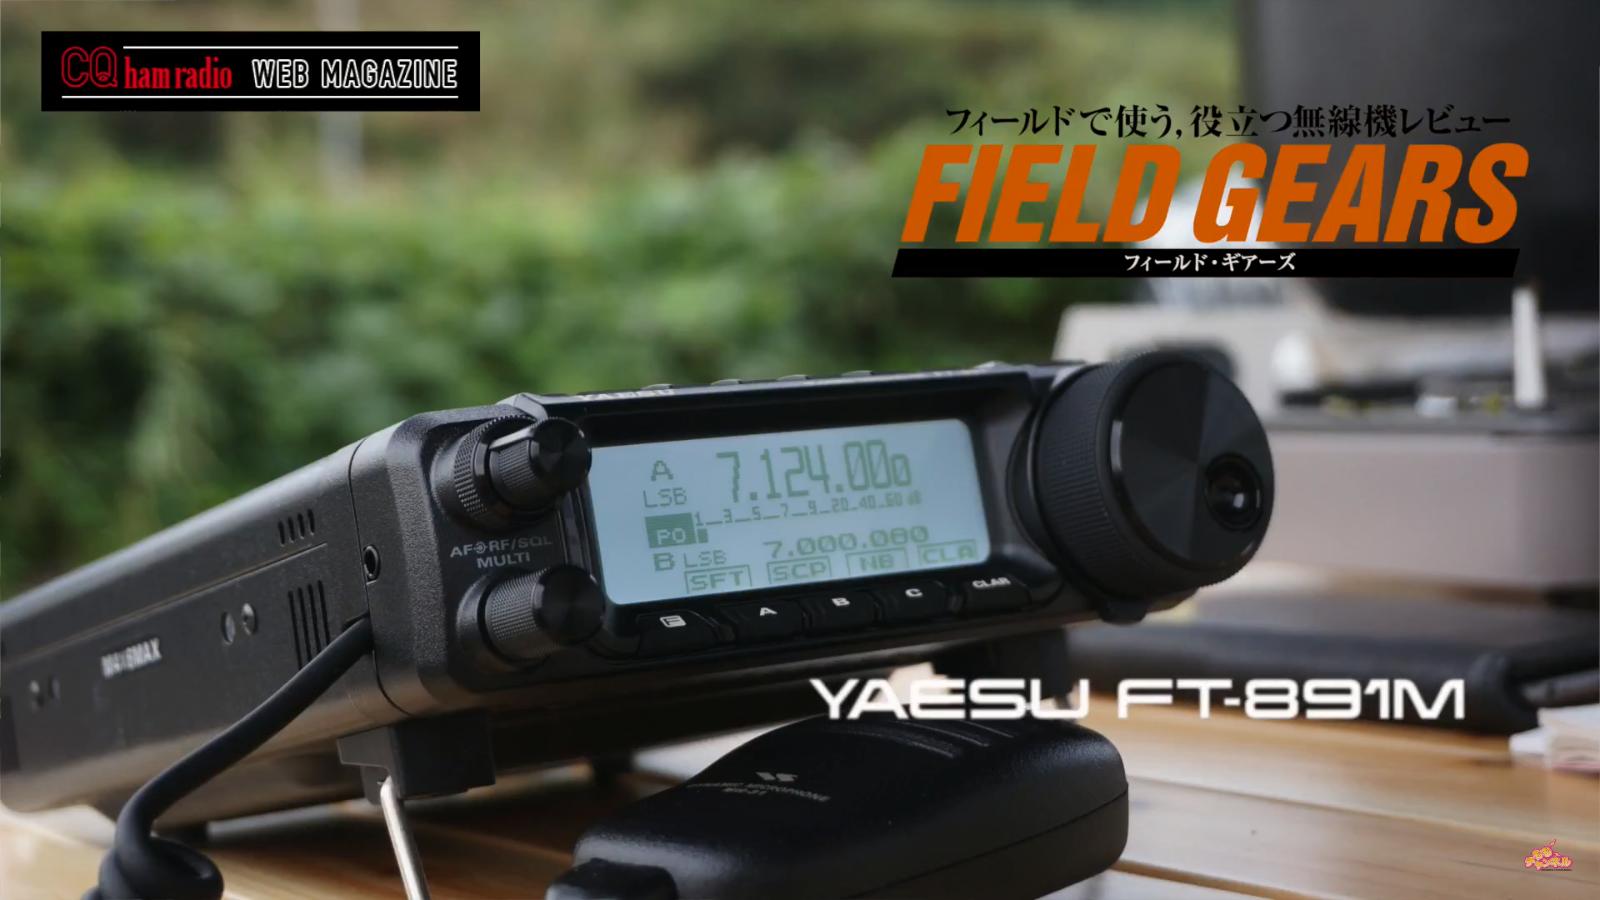 フィールド運用で試す 八重洲無線FT-891M